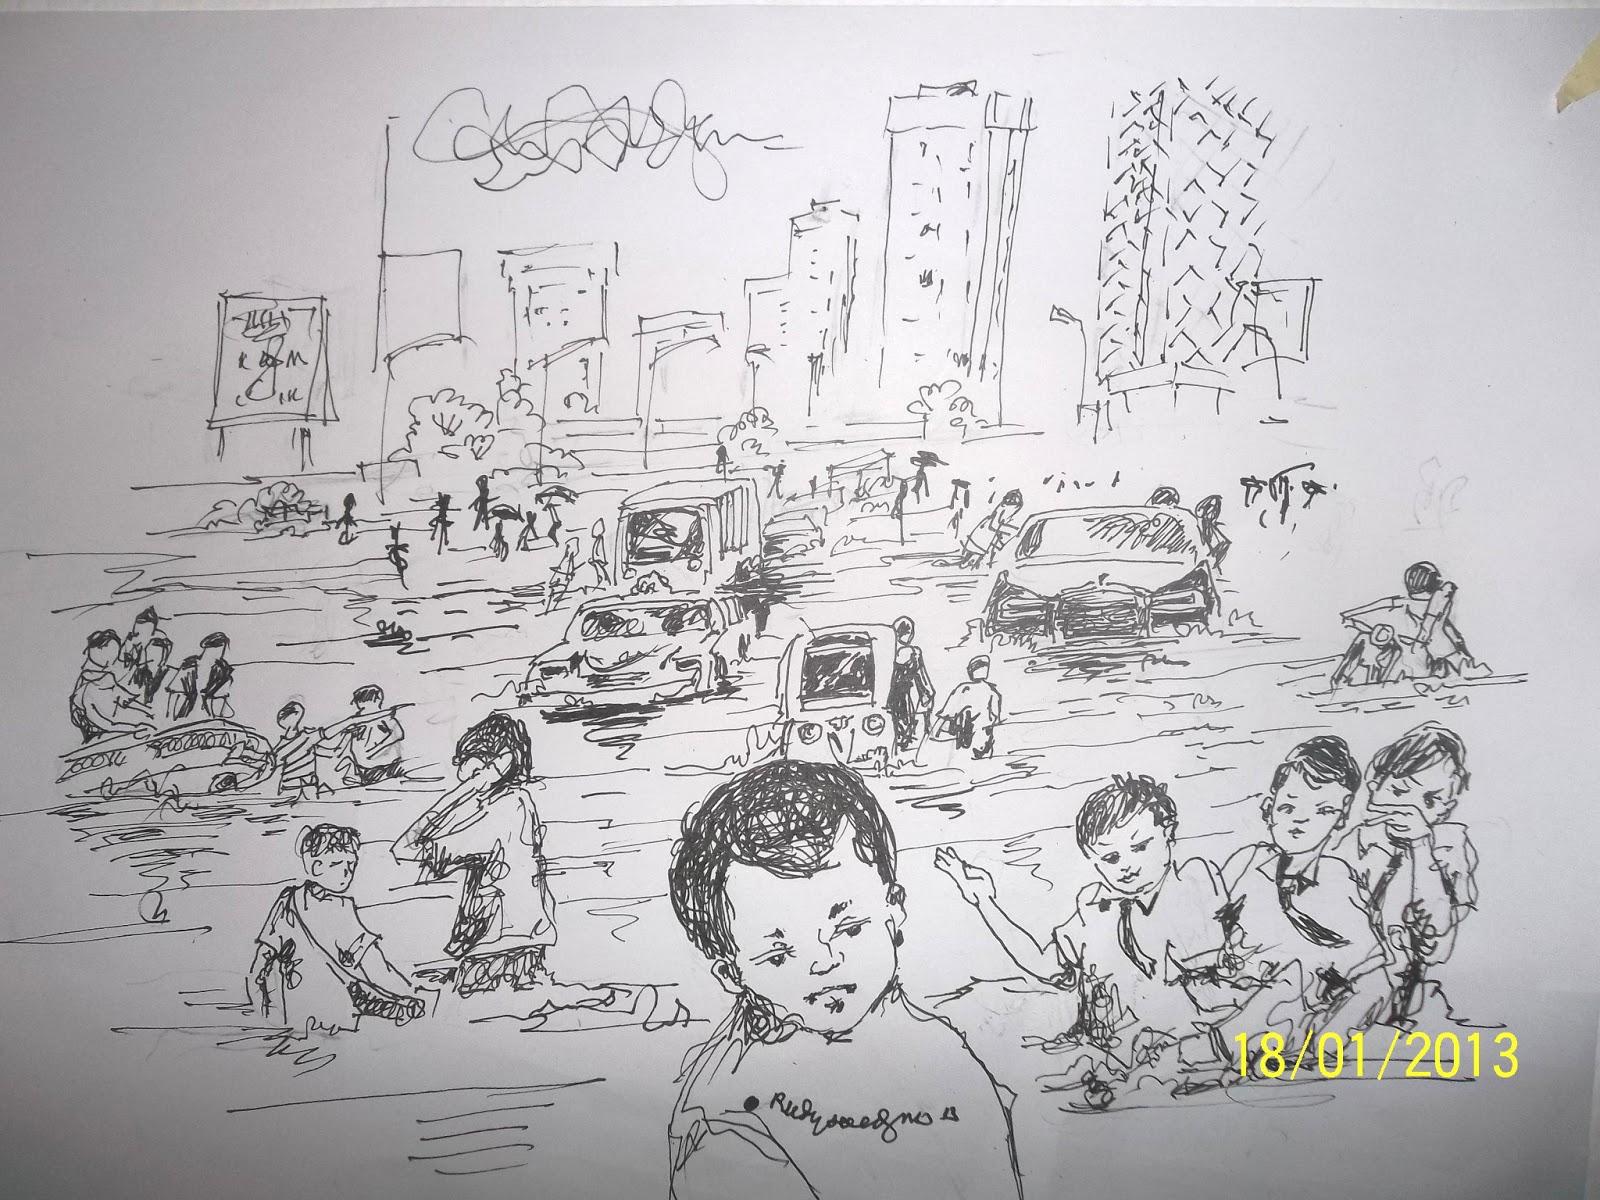 30 Ide Keren Gambar Sketsa Rumah Banjir Tea And Lead